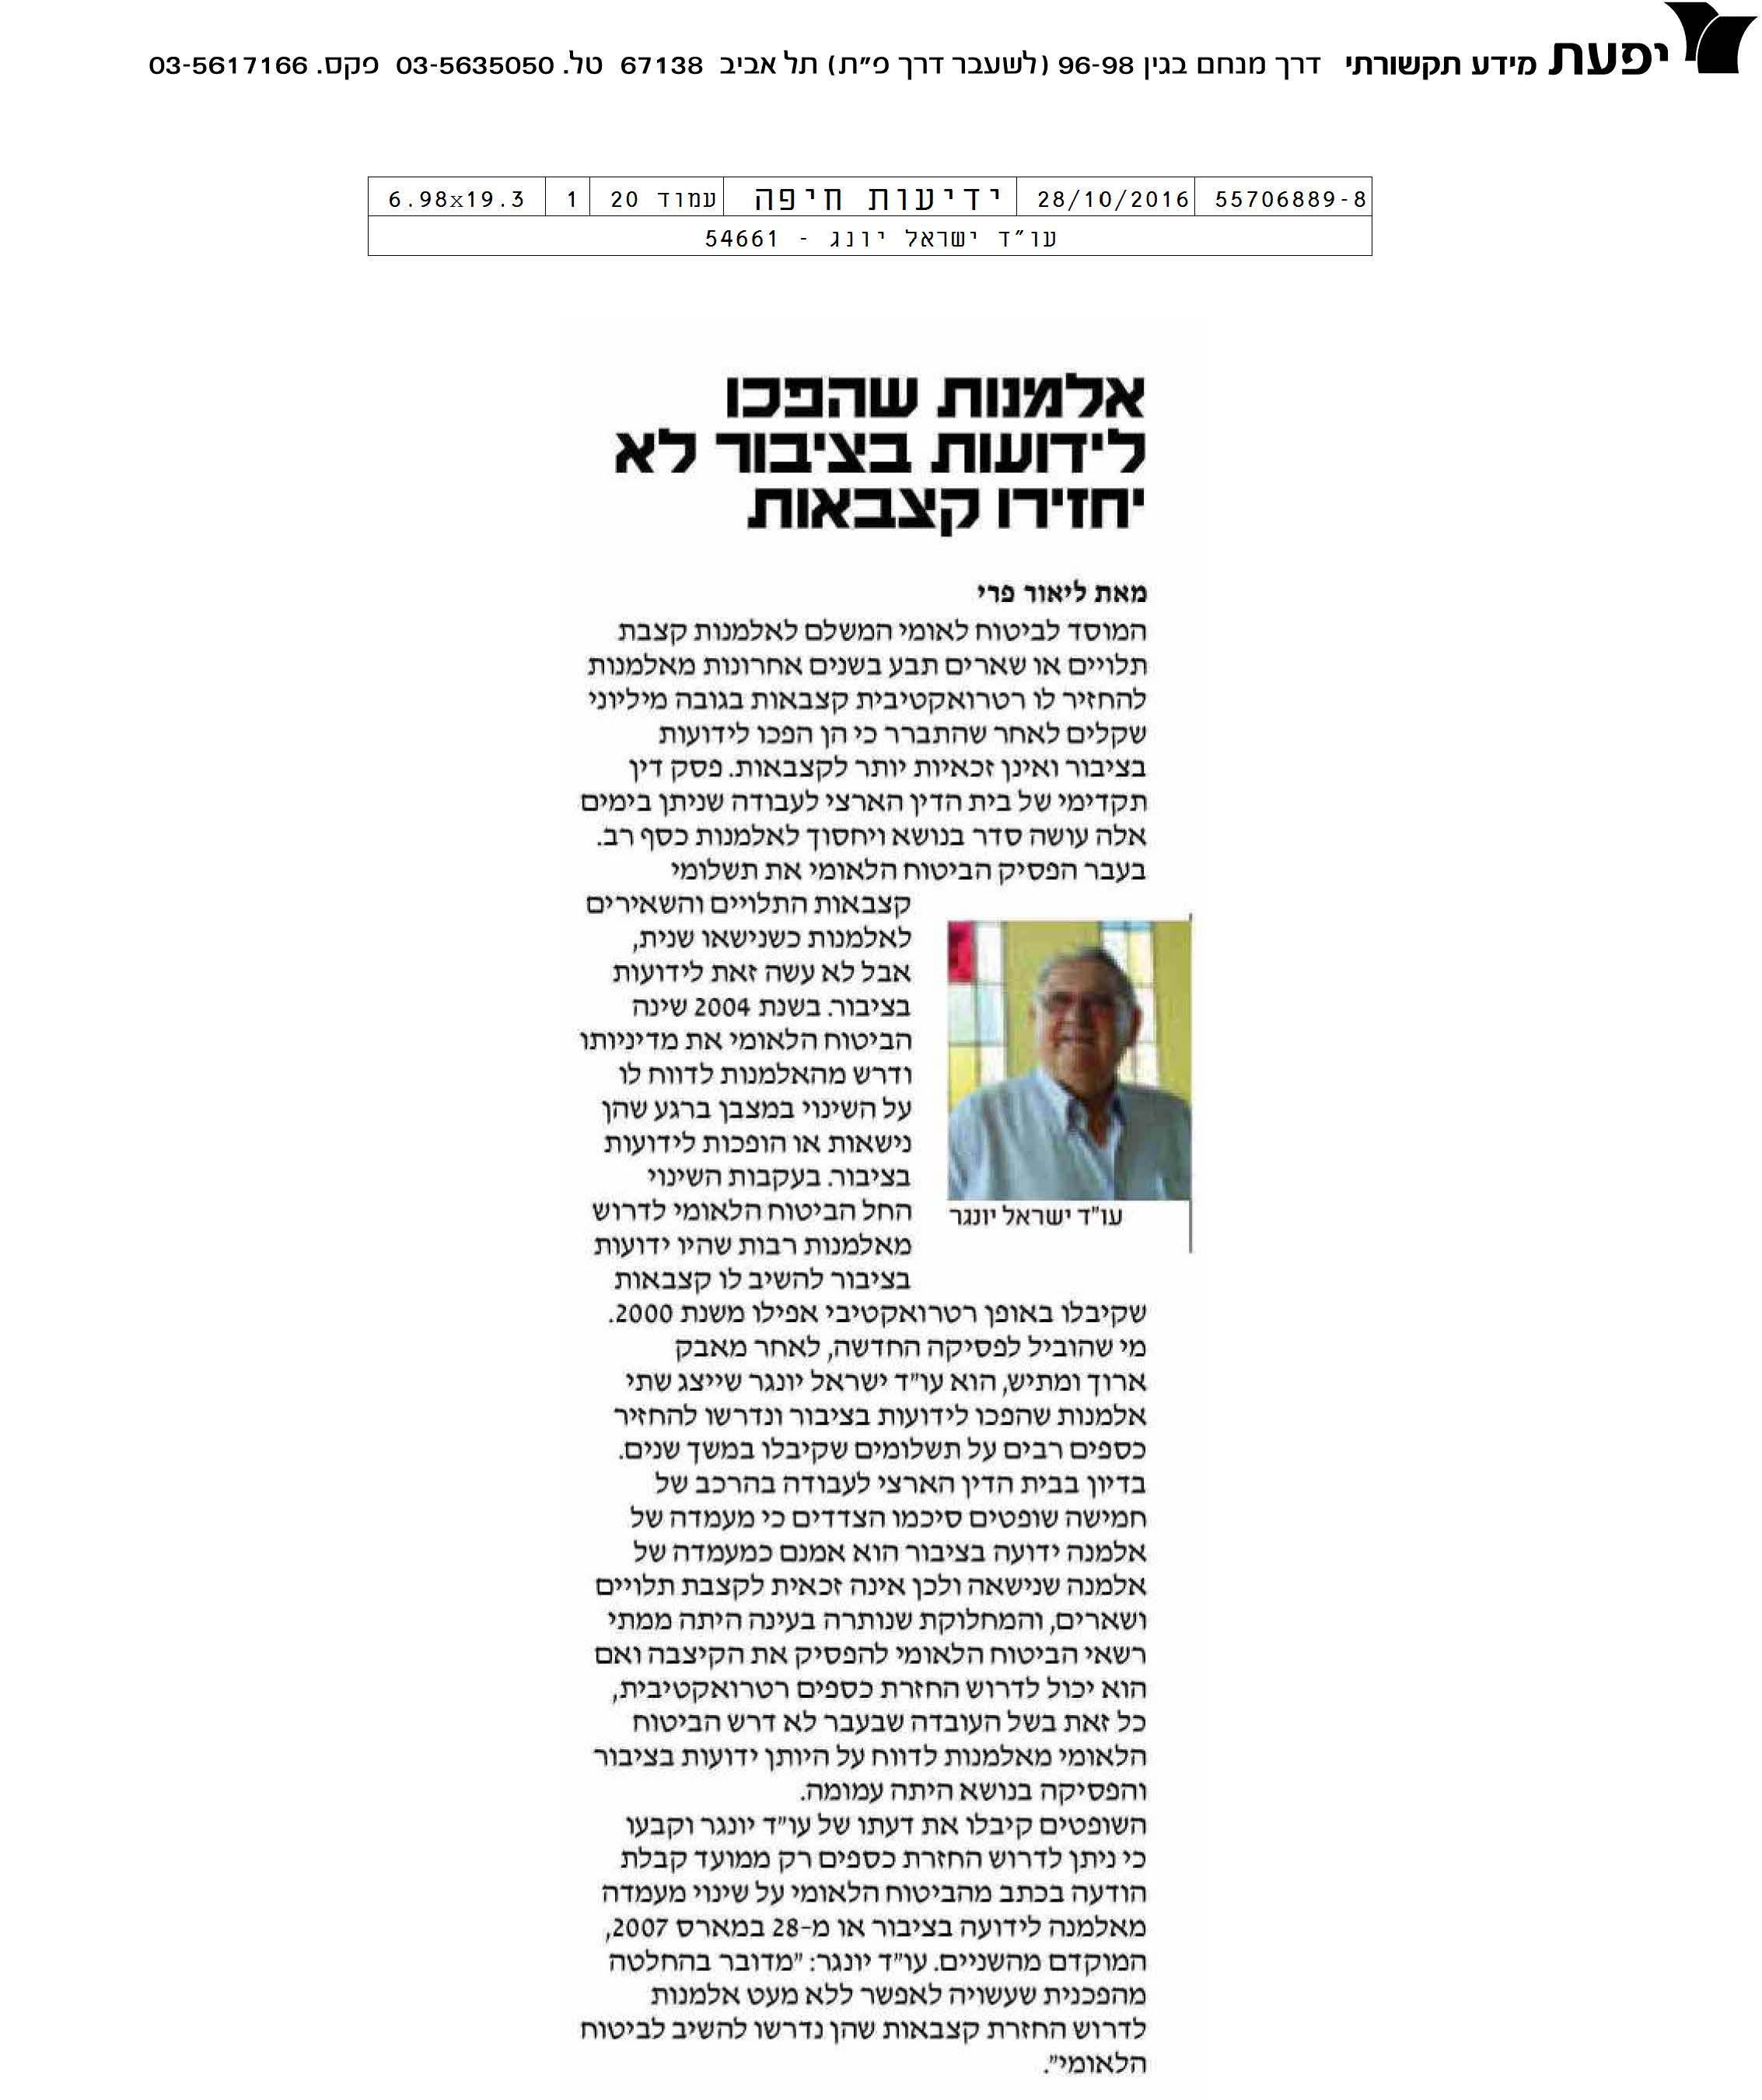 יחזירו קצבאות לידועות בציבור- ידיעות חיפה 28.10.16